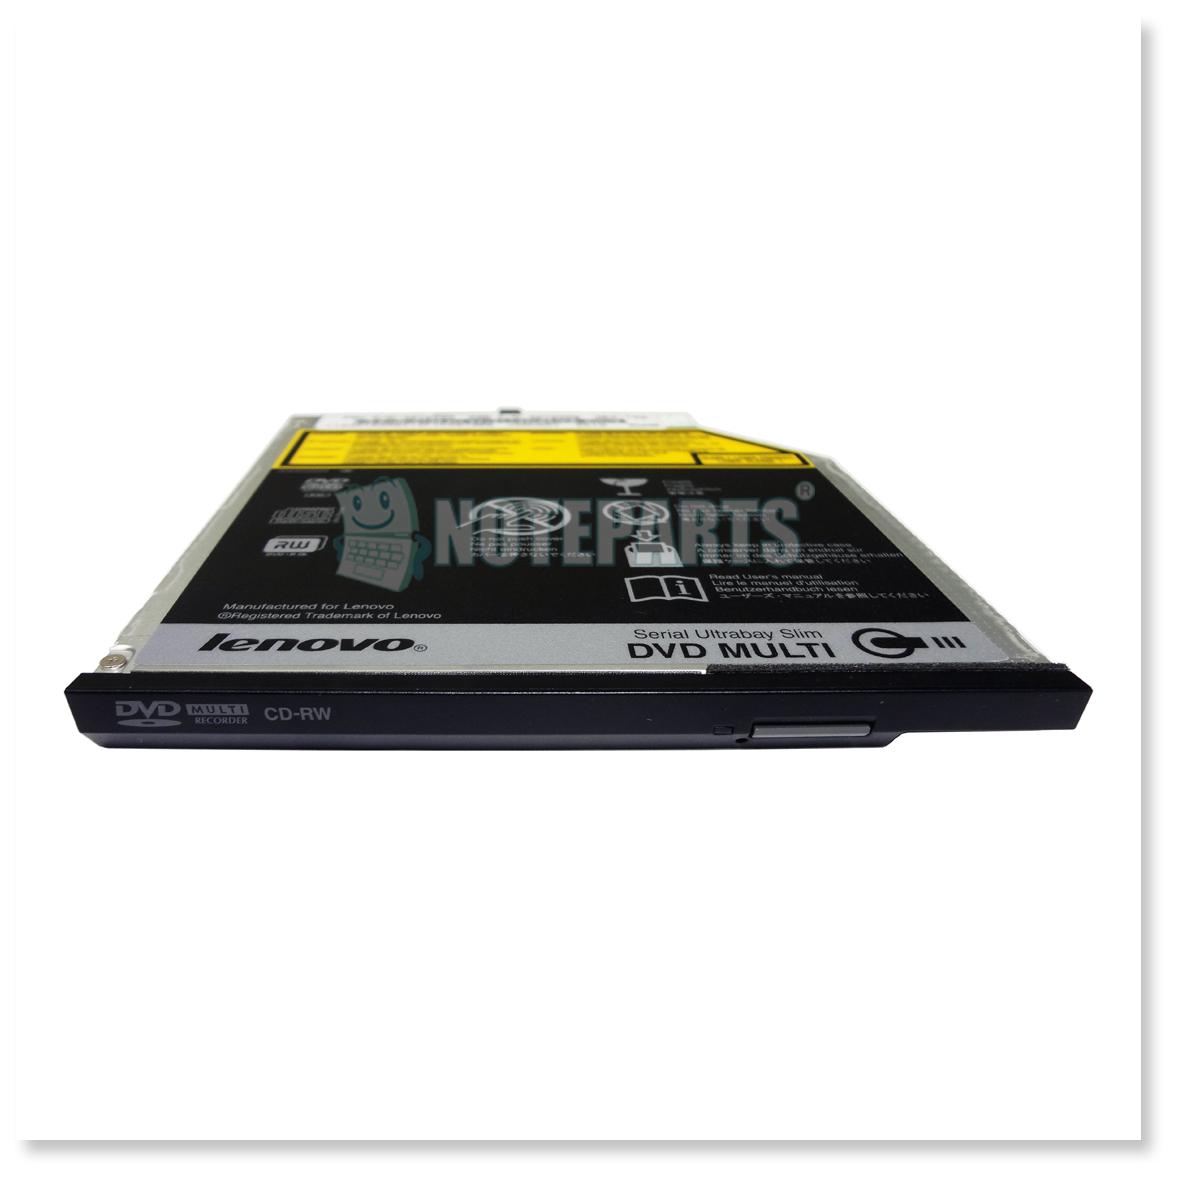 Lenovo ThinkPad T410s T430 X220 ウルトラベイ・スリム シリアルATA DVDスーパーマルチドライブ